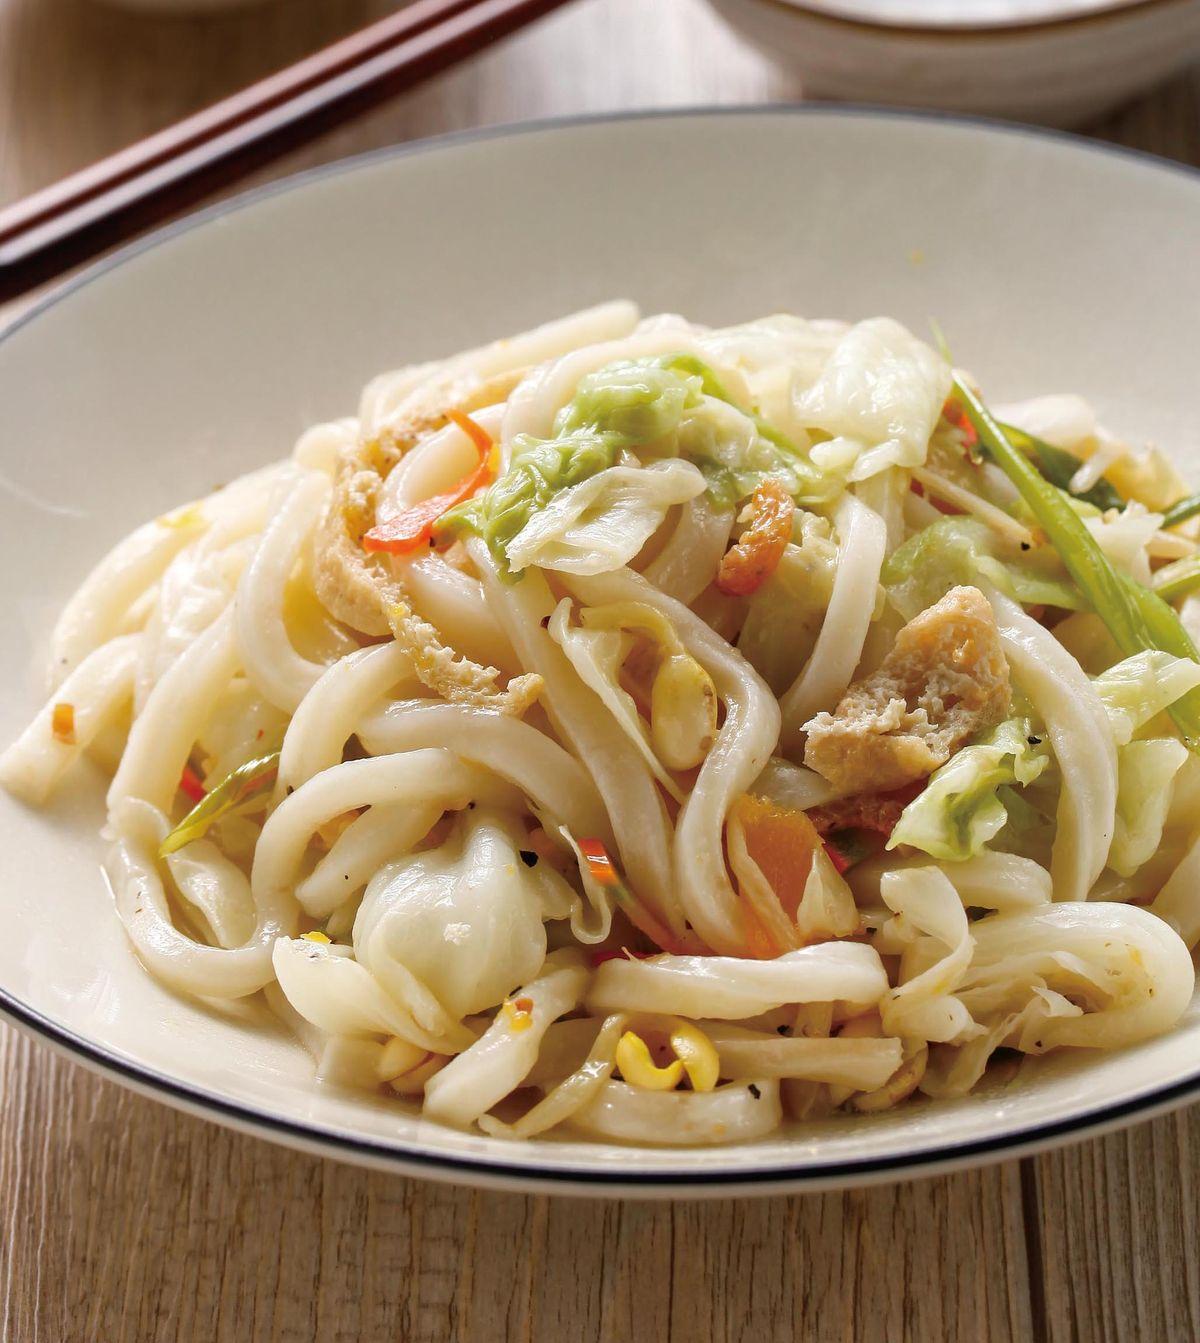 食譜:炒蔬菜烏龍麵